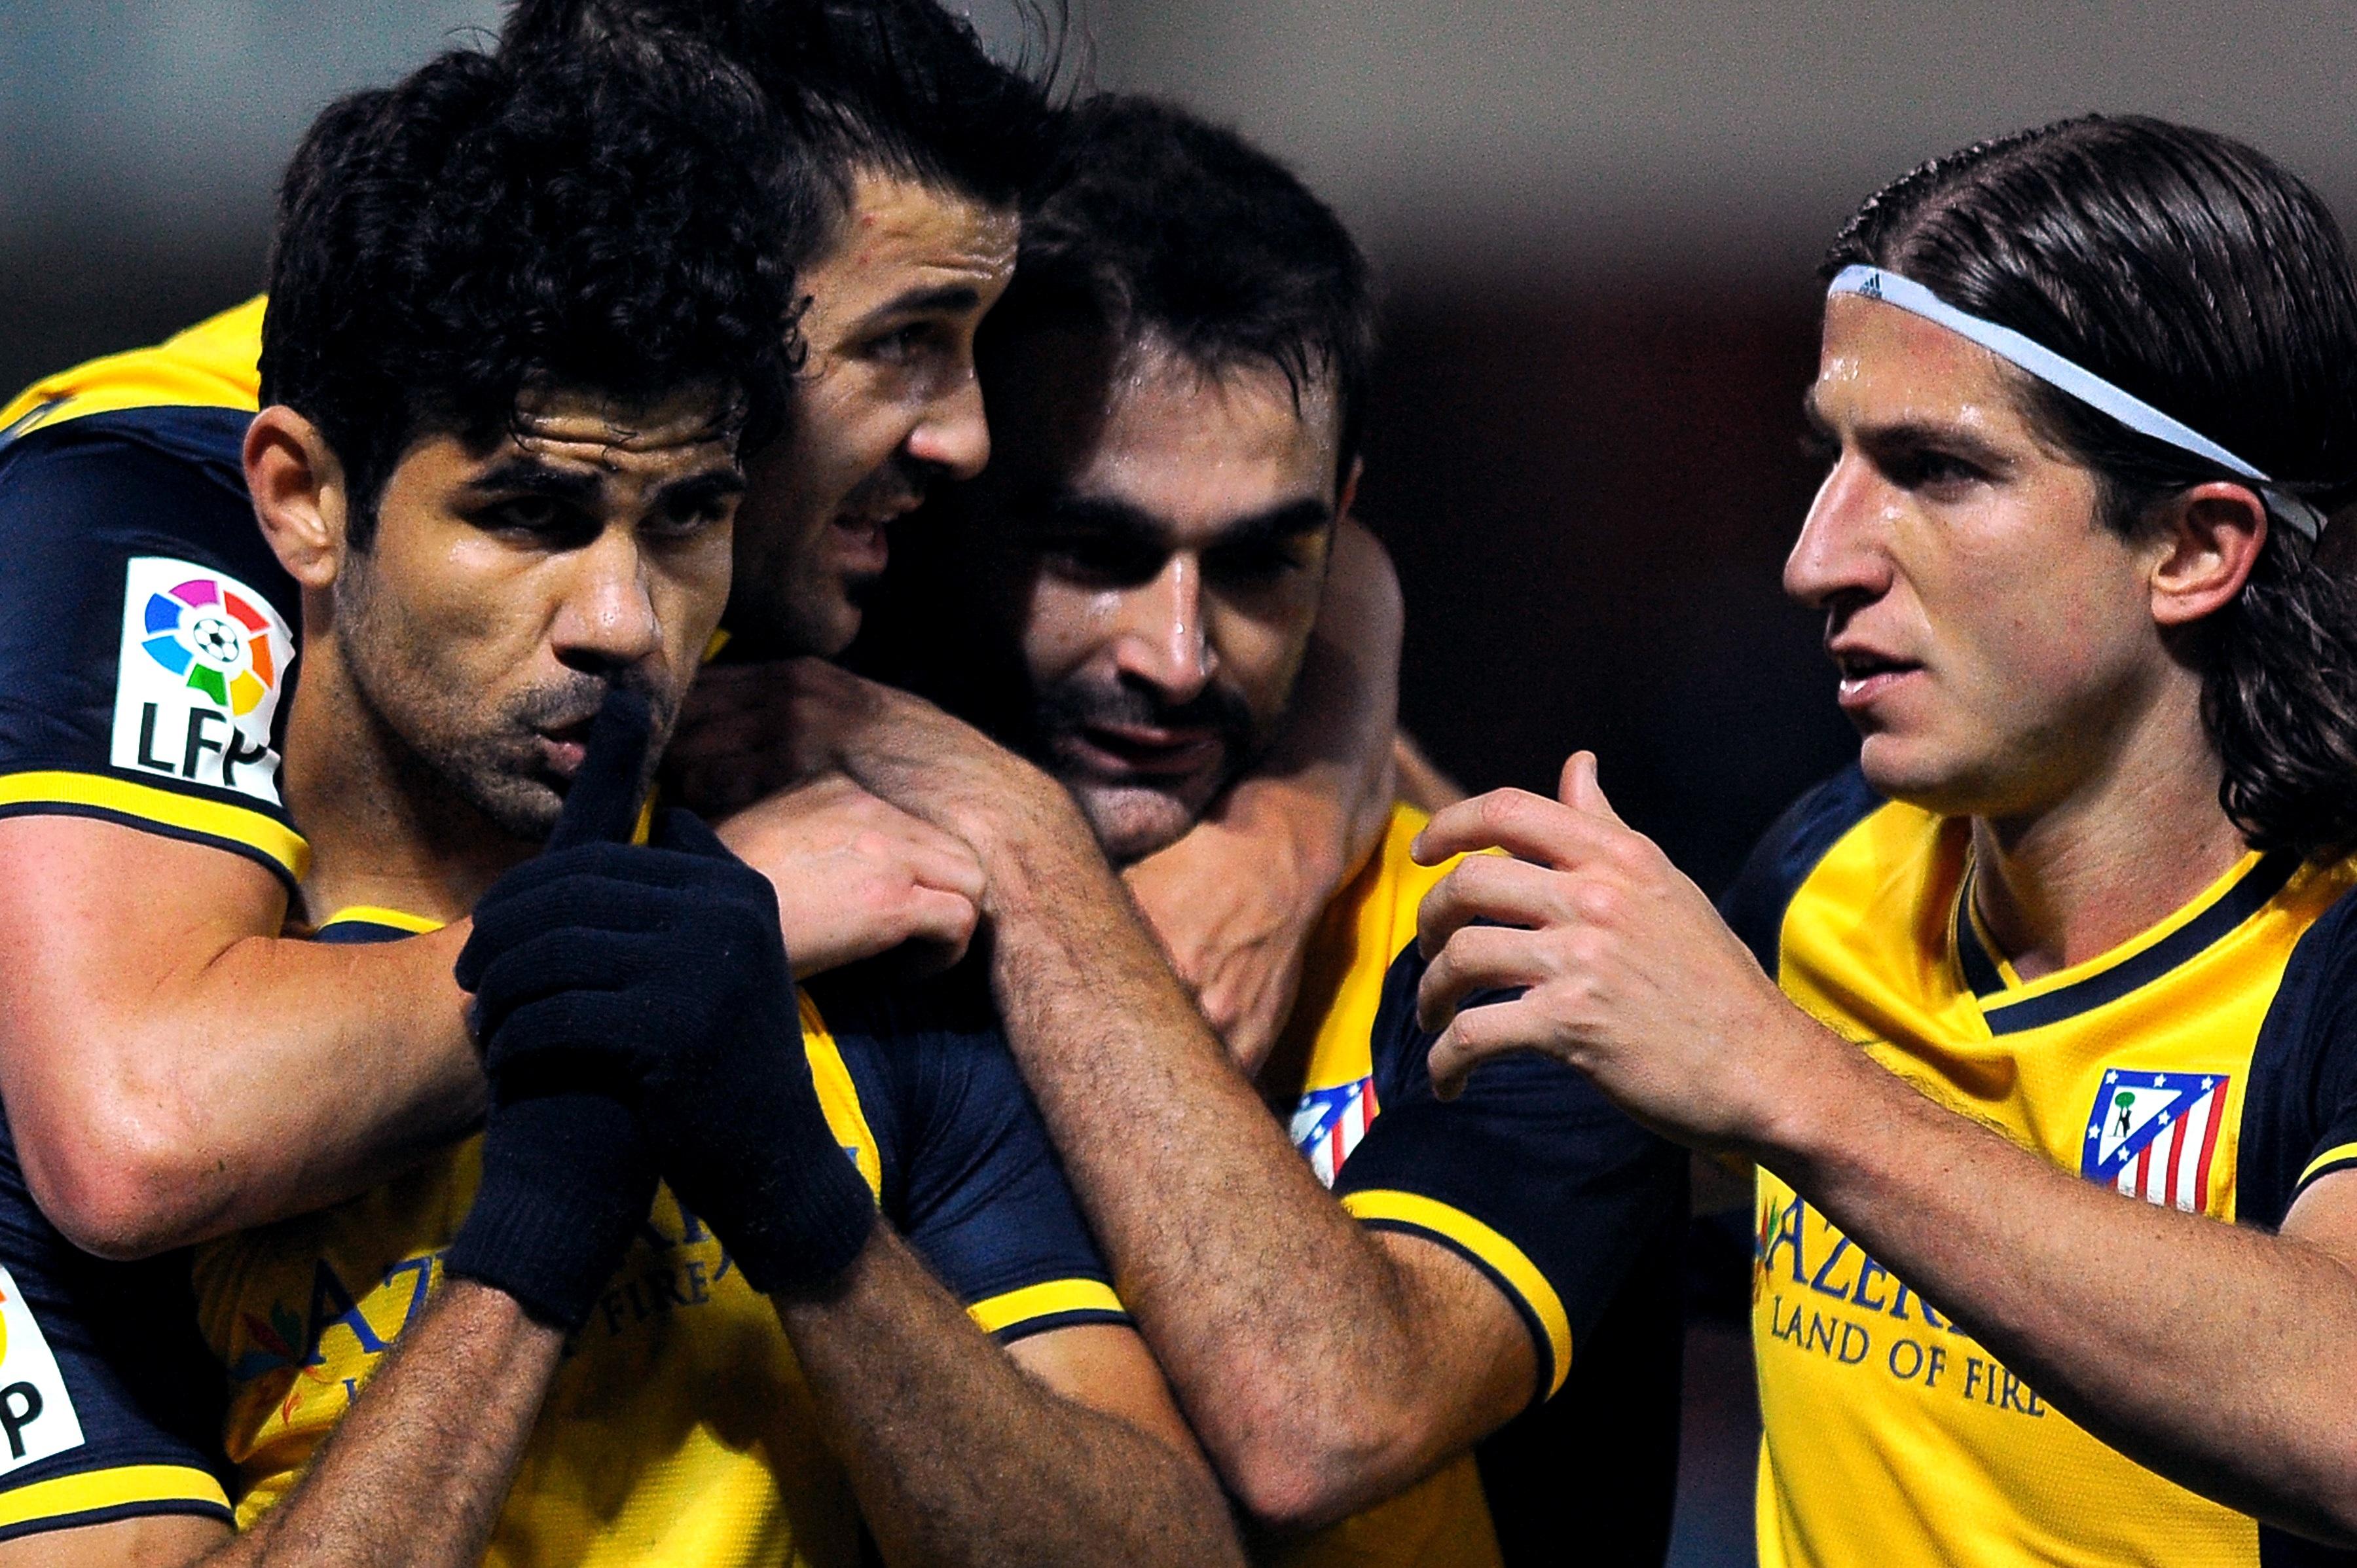 Diego Costa volta a marcar e Atlético de Madri encosta no Barcelona -  Esportes - R7 Futebol e4eb5820580f4